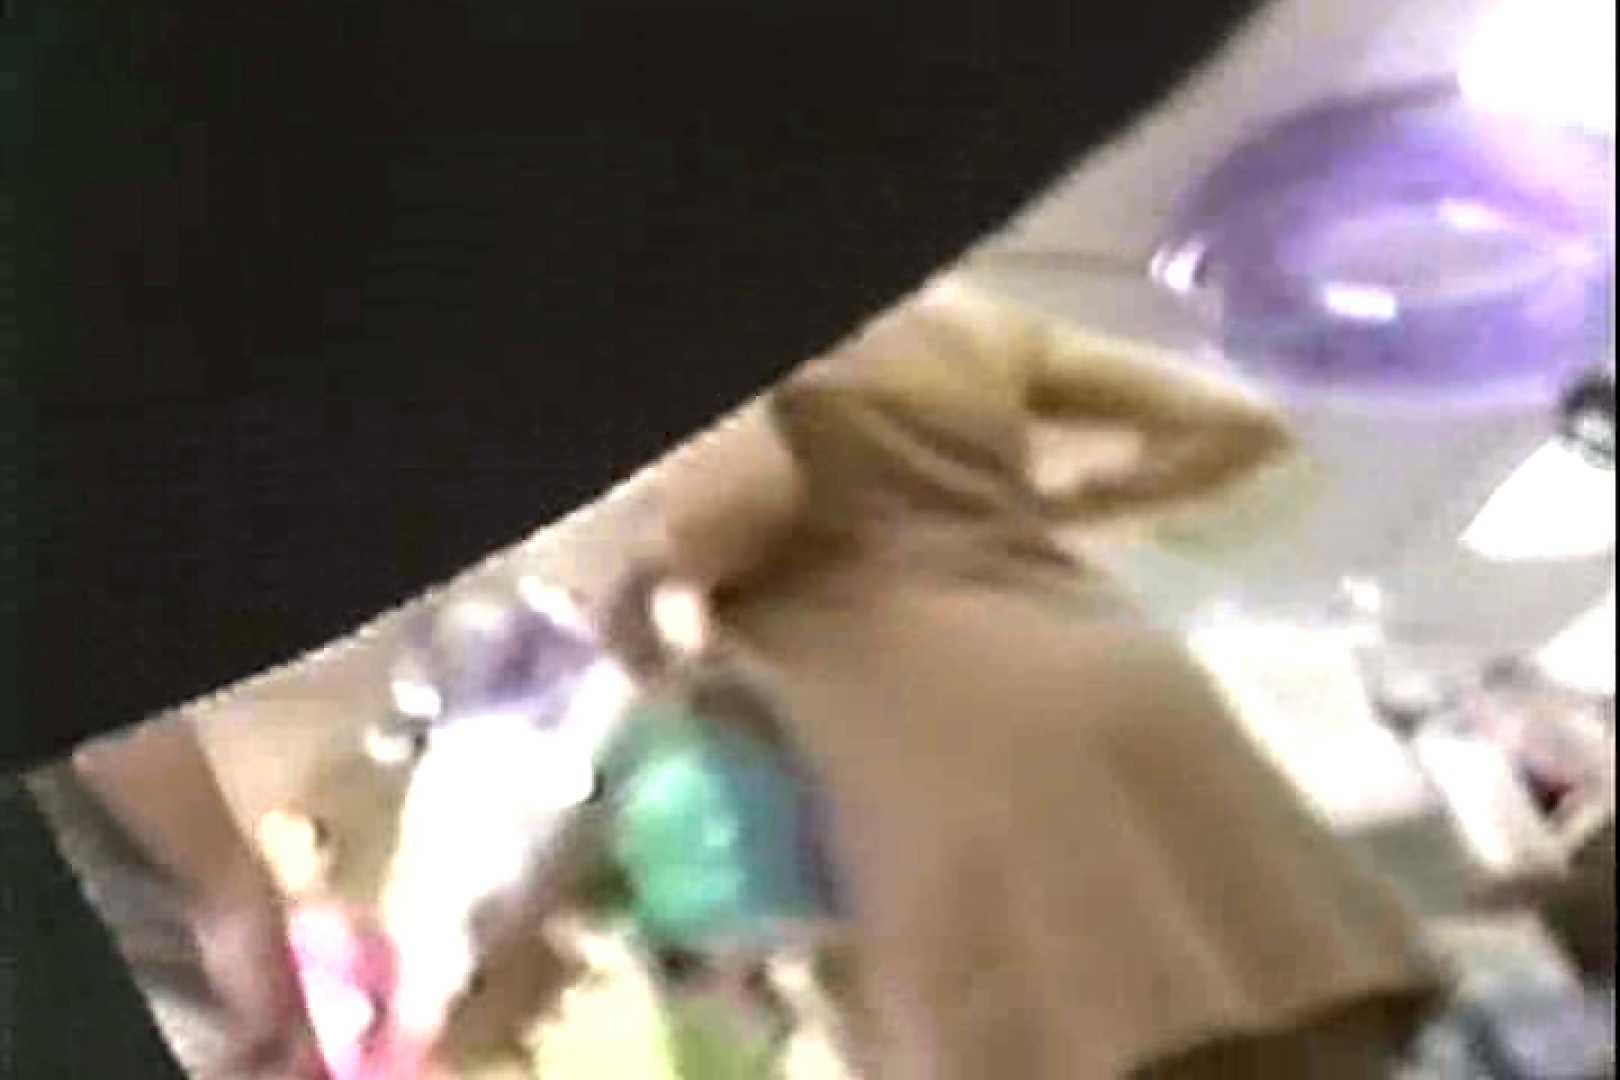 「ちくりん」さんのオリジナル未編集パンチラVol.6_01 盗撮師作品 ヌード画像 95pic 53